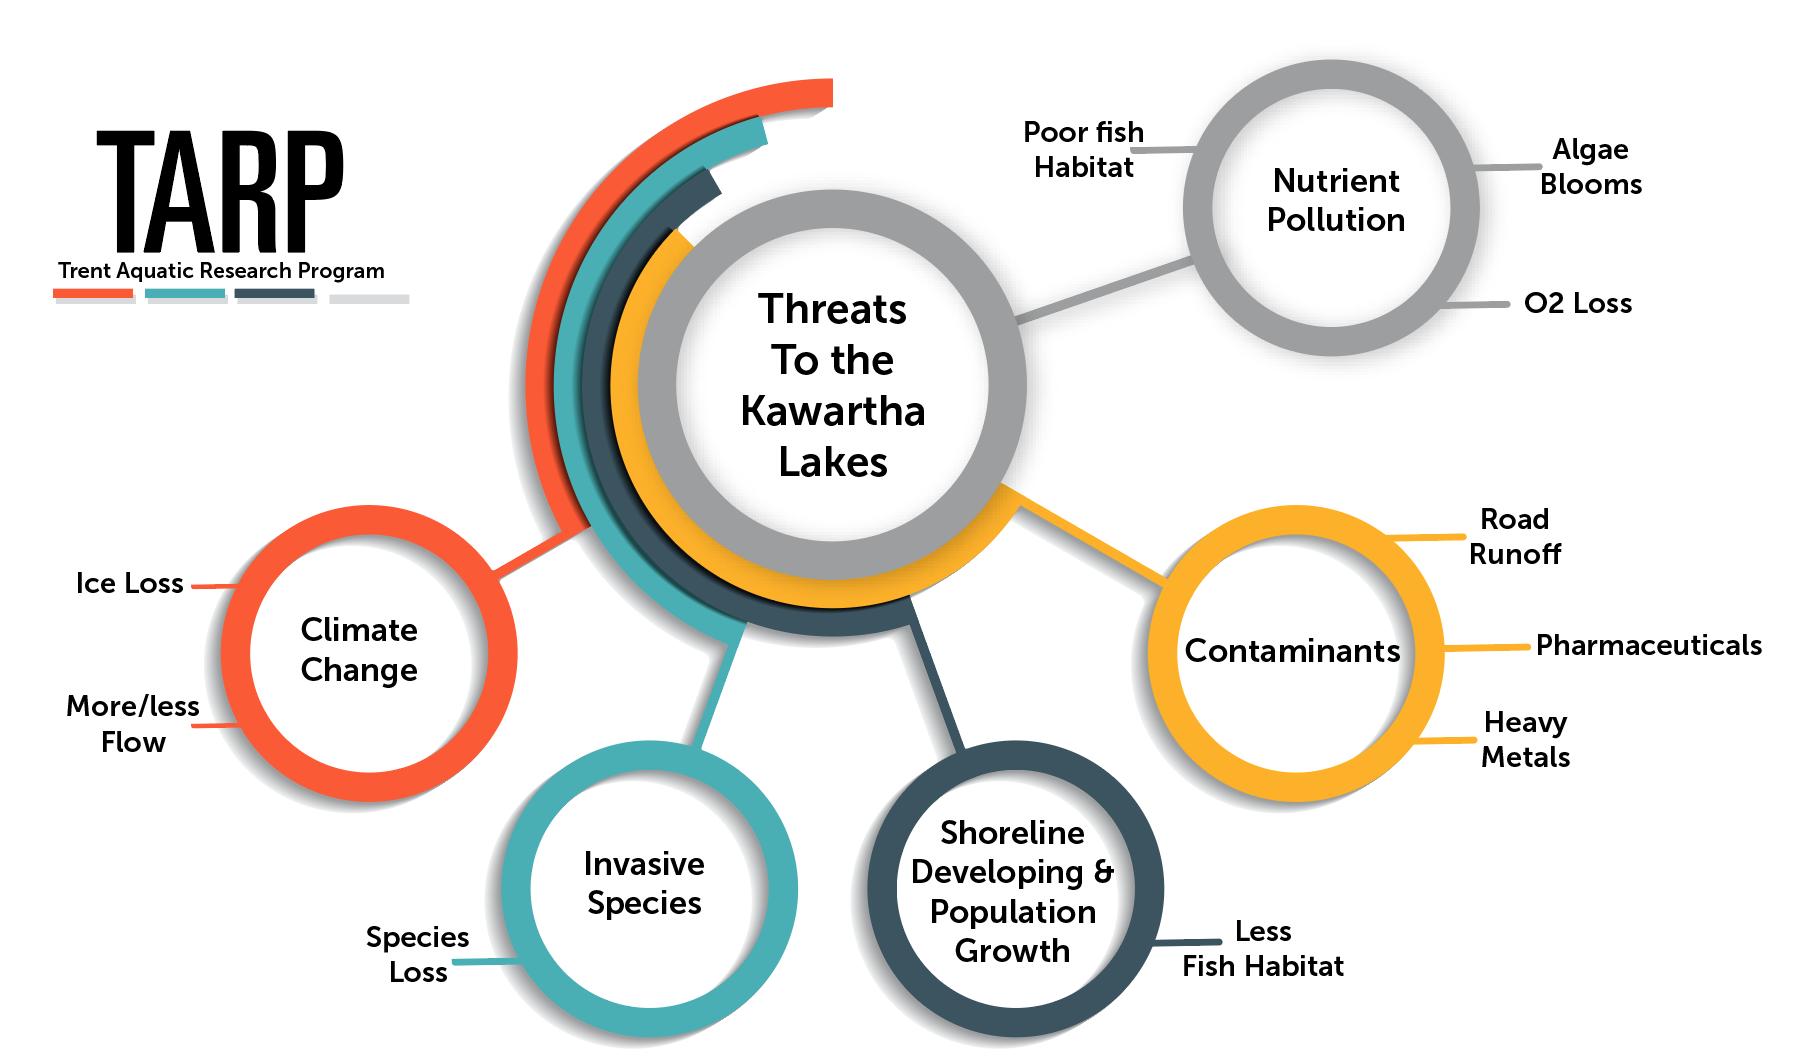 Diagram of the Threats to Kawartha Lakes